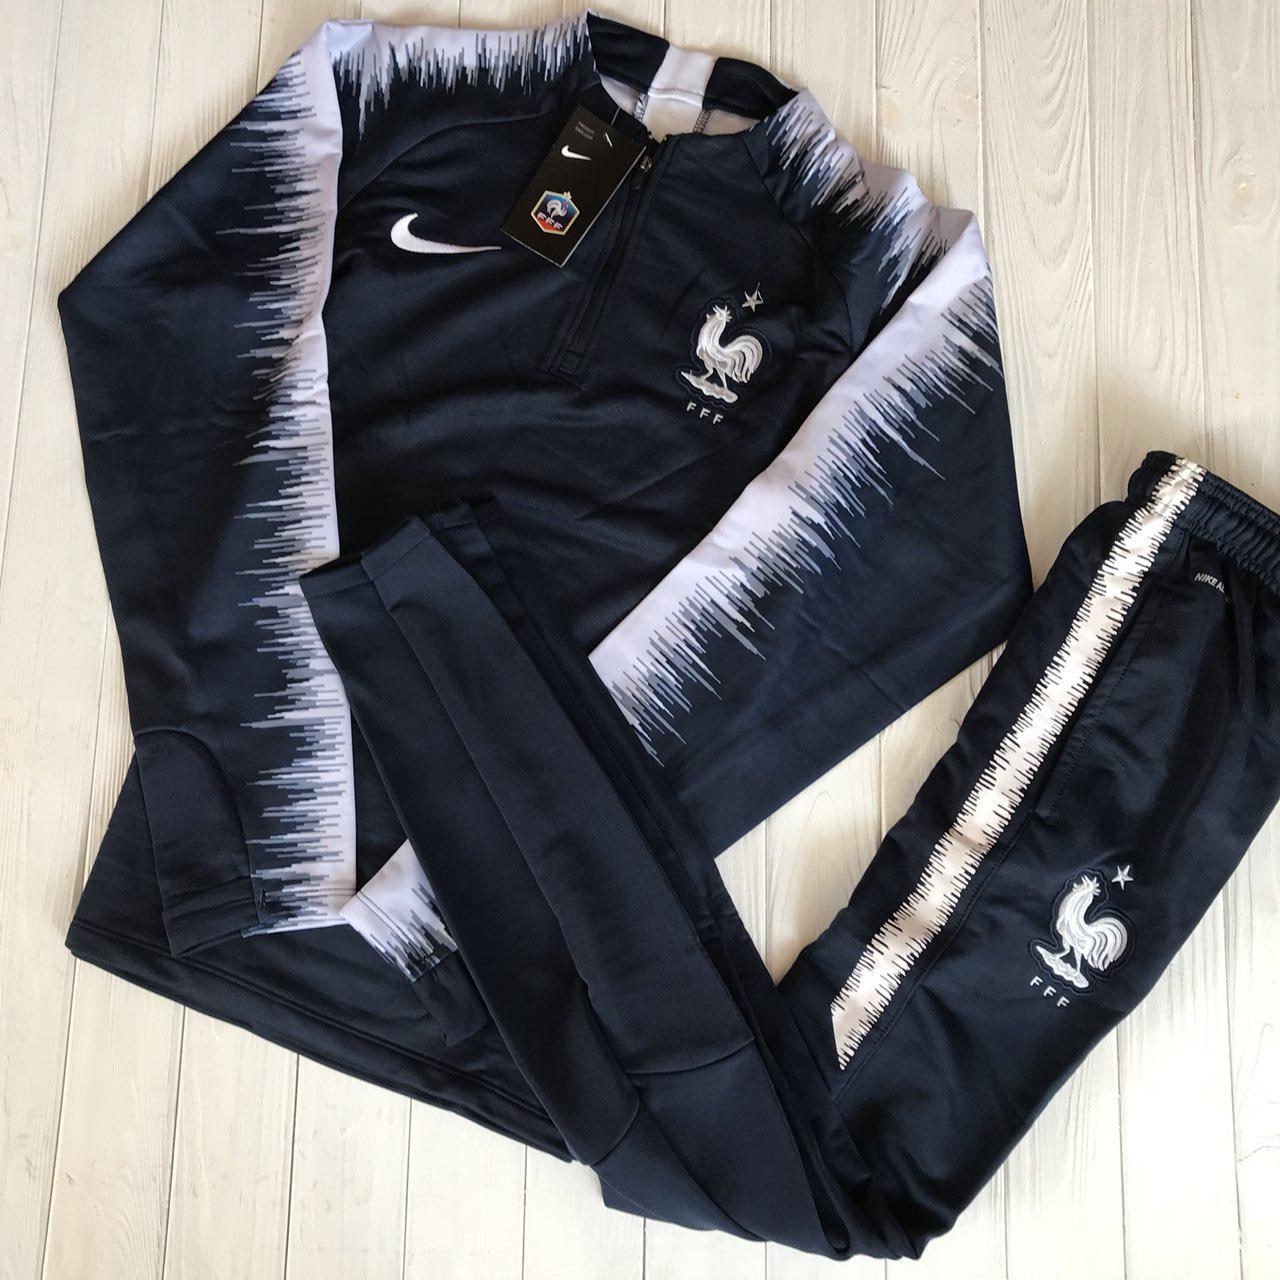 04770b83ea9a Спортивный (тренировочный ) костюм сборной Франции (France) 2018-2019  сезона - Sport